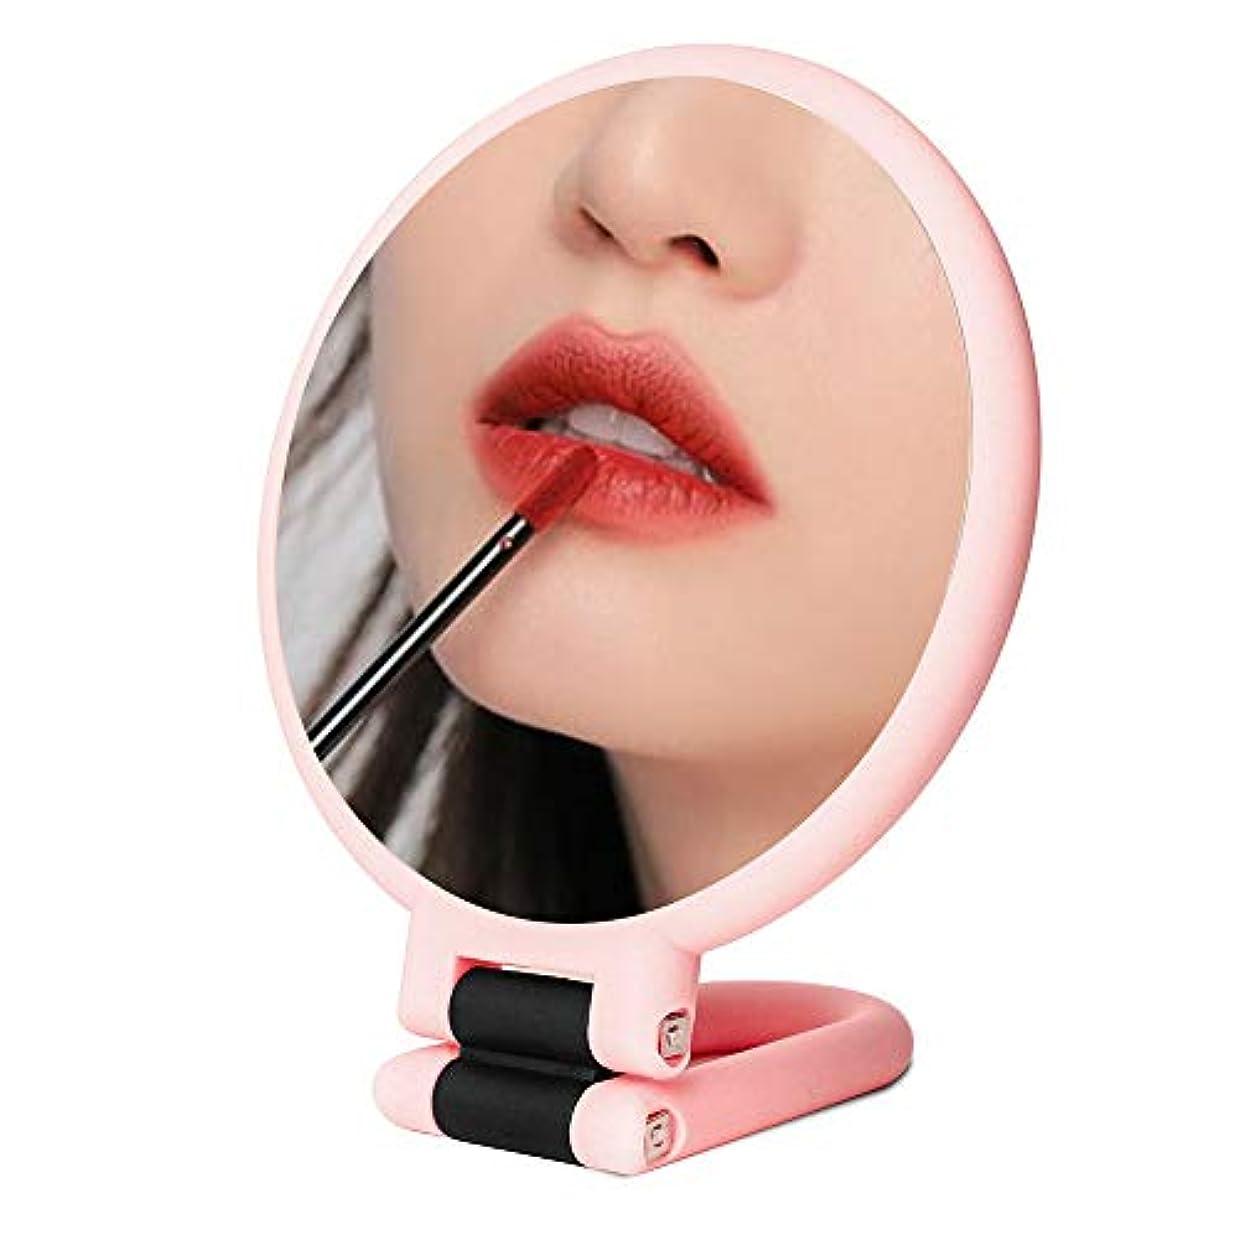 手鏡 拡大鏡 折りたたみ式 両面鏡 化粧鏡 メイクアップミラー 15倍拡大 高精細 「ピンク」